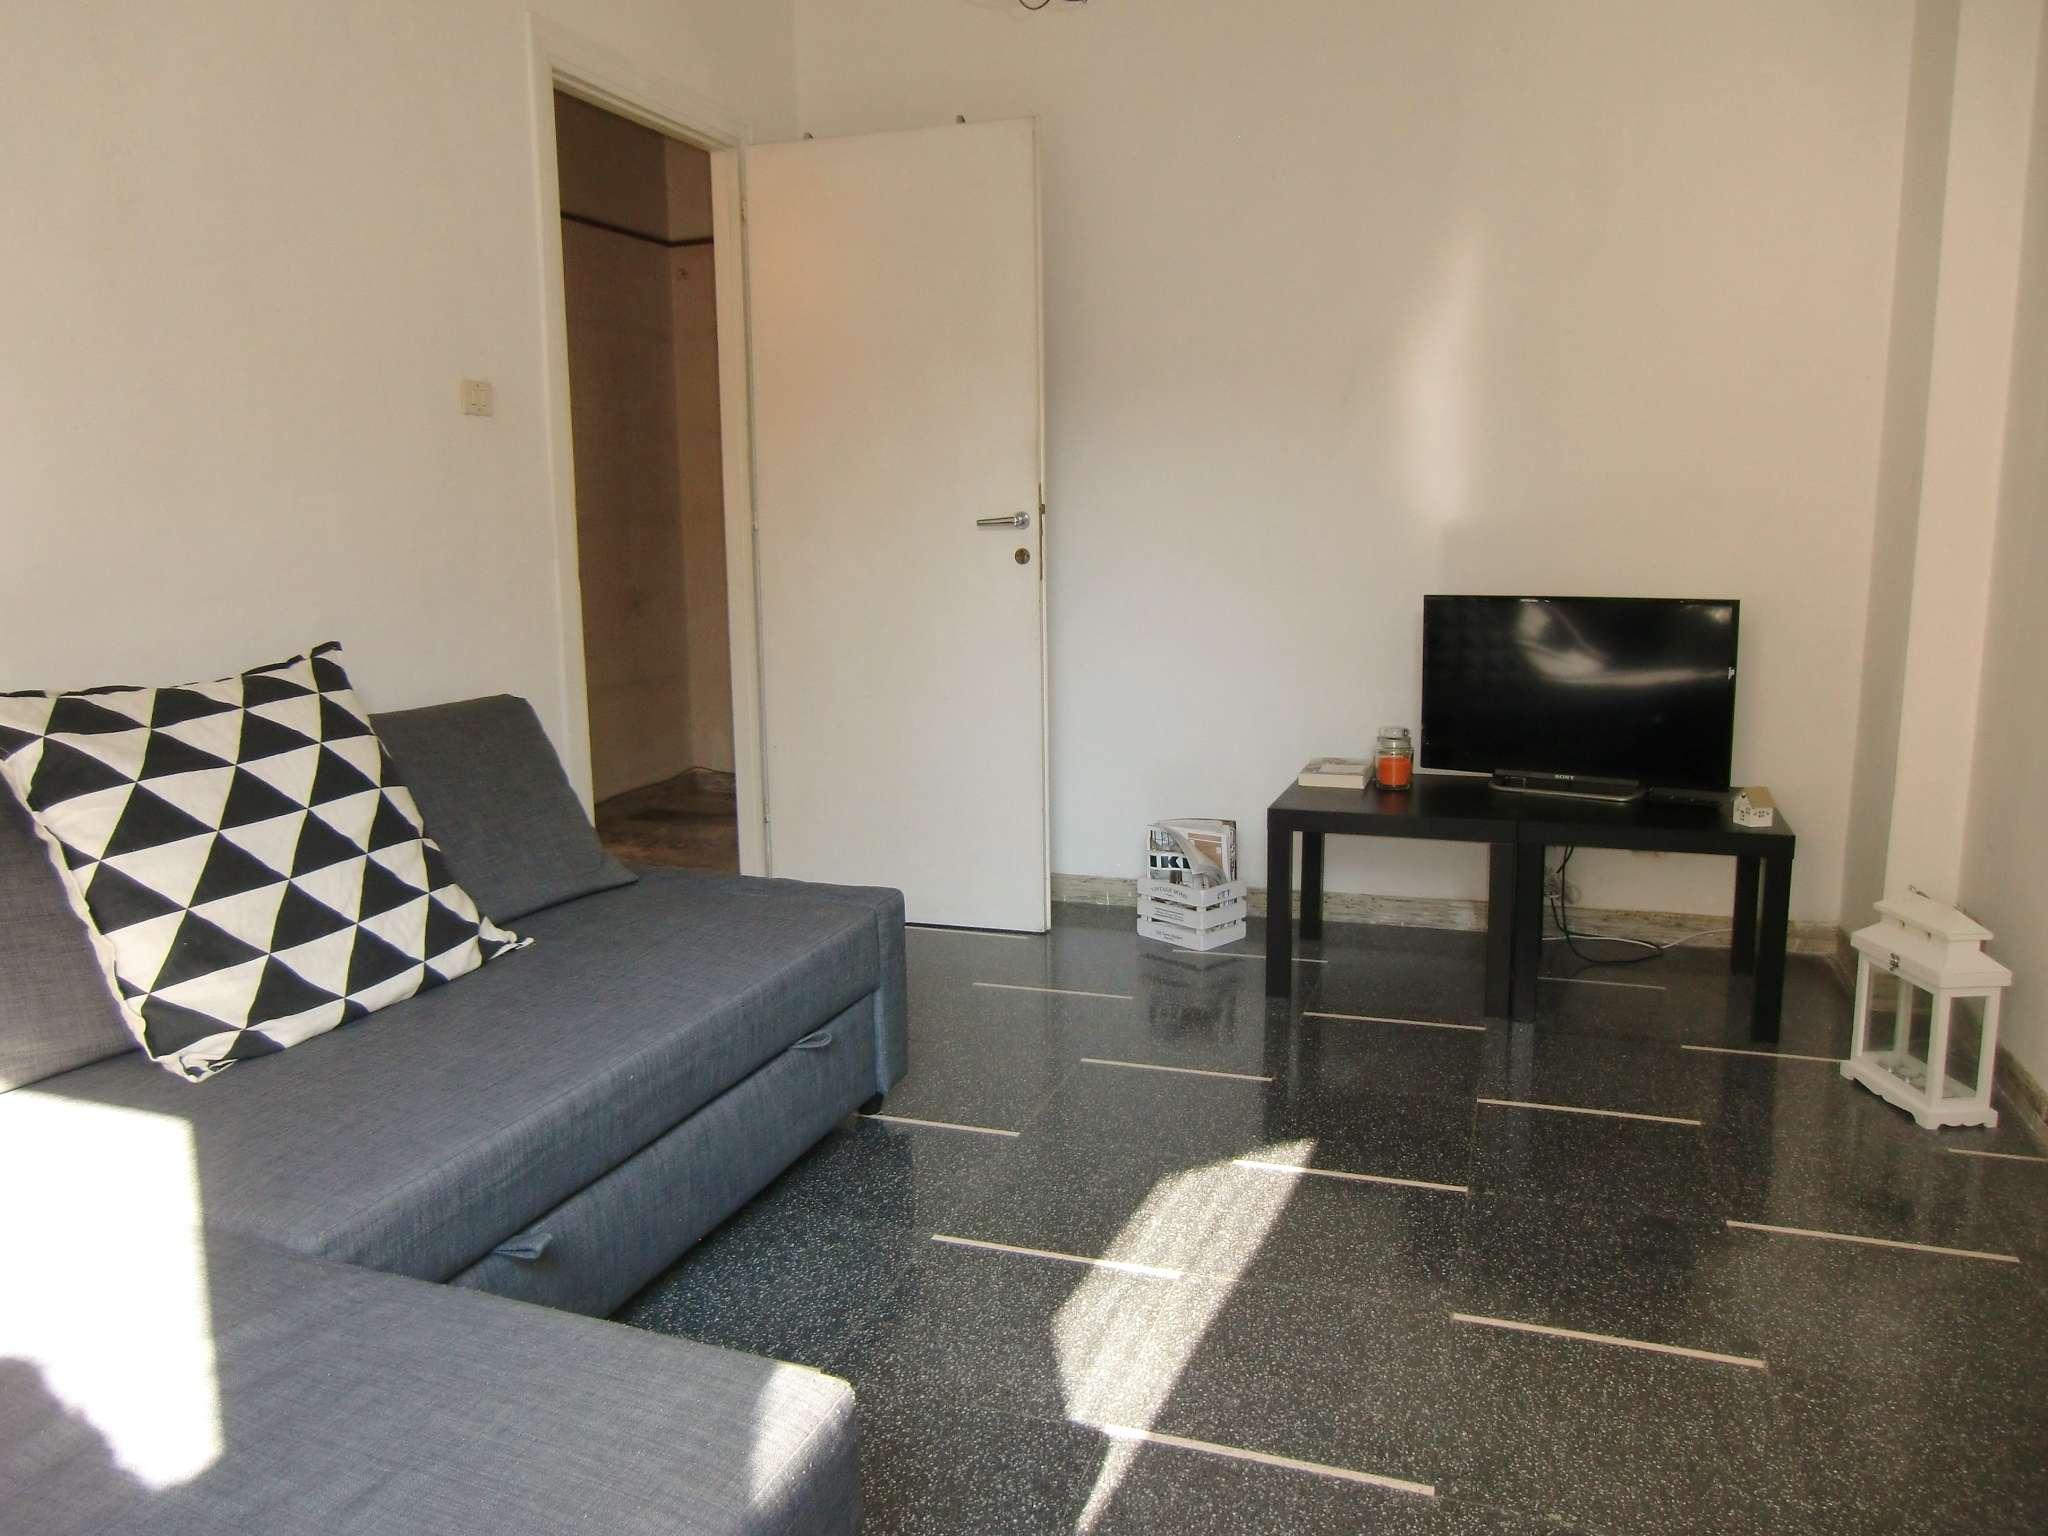 Appartamento in vendita a Roma, 2 locali, zona Zona: 13 . Tuscolano, Appio Claudio, Villa Lais, Quadraro, prezzo € 179.000 | CambioCasa.it